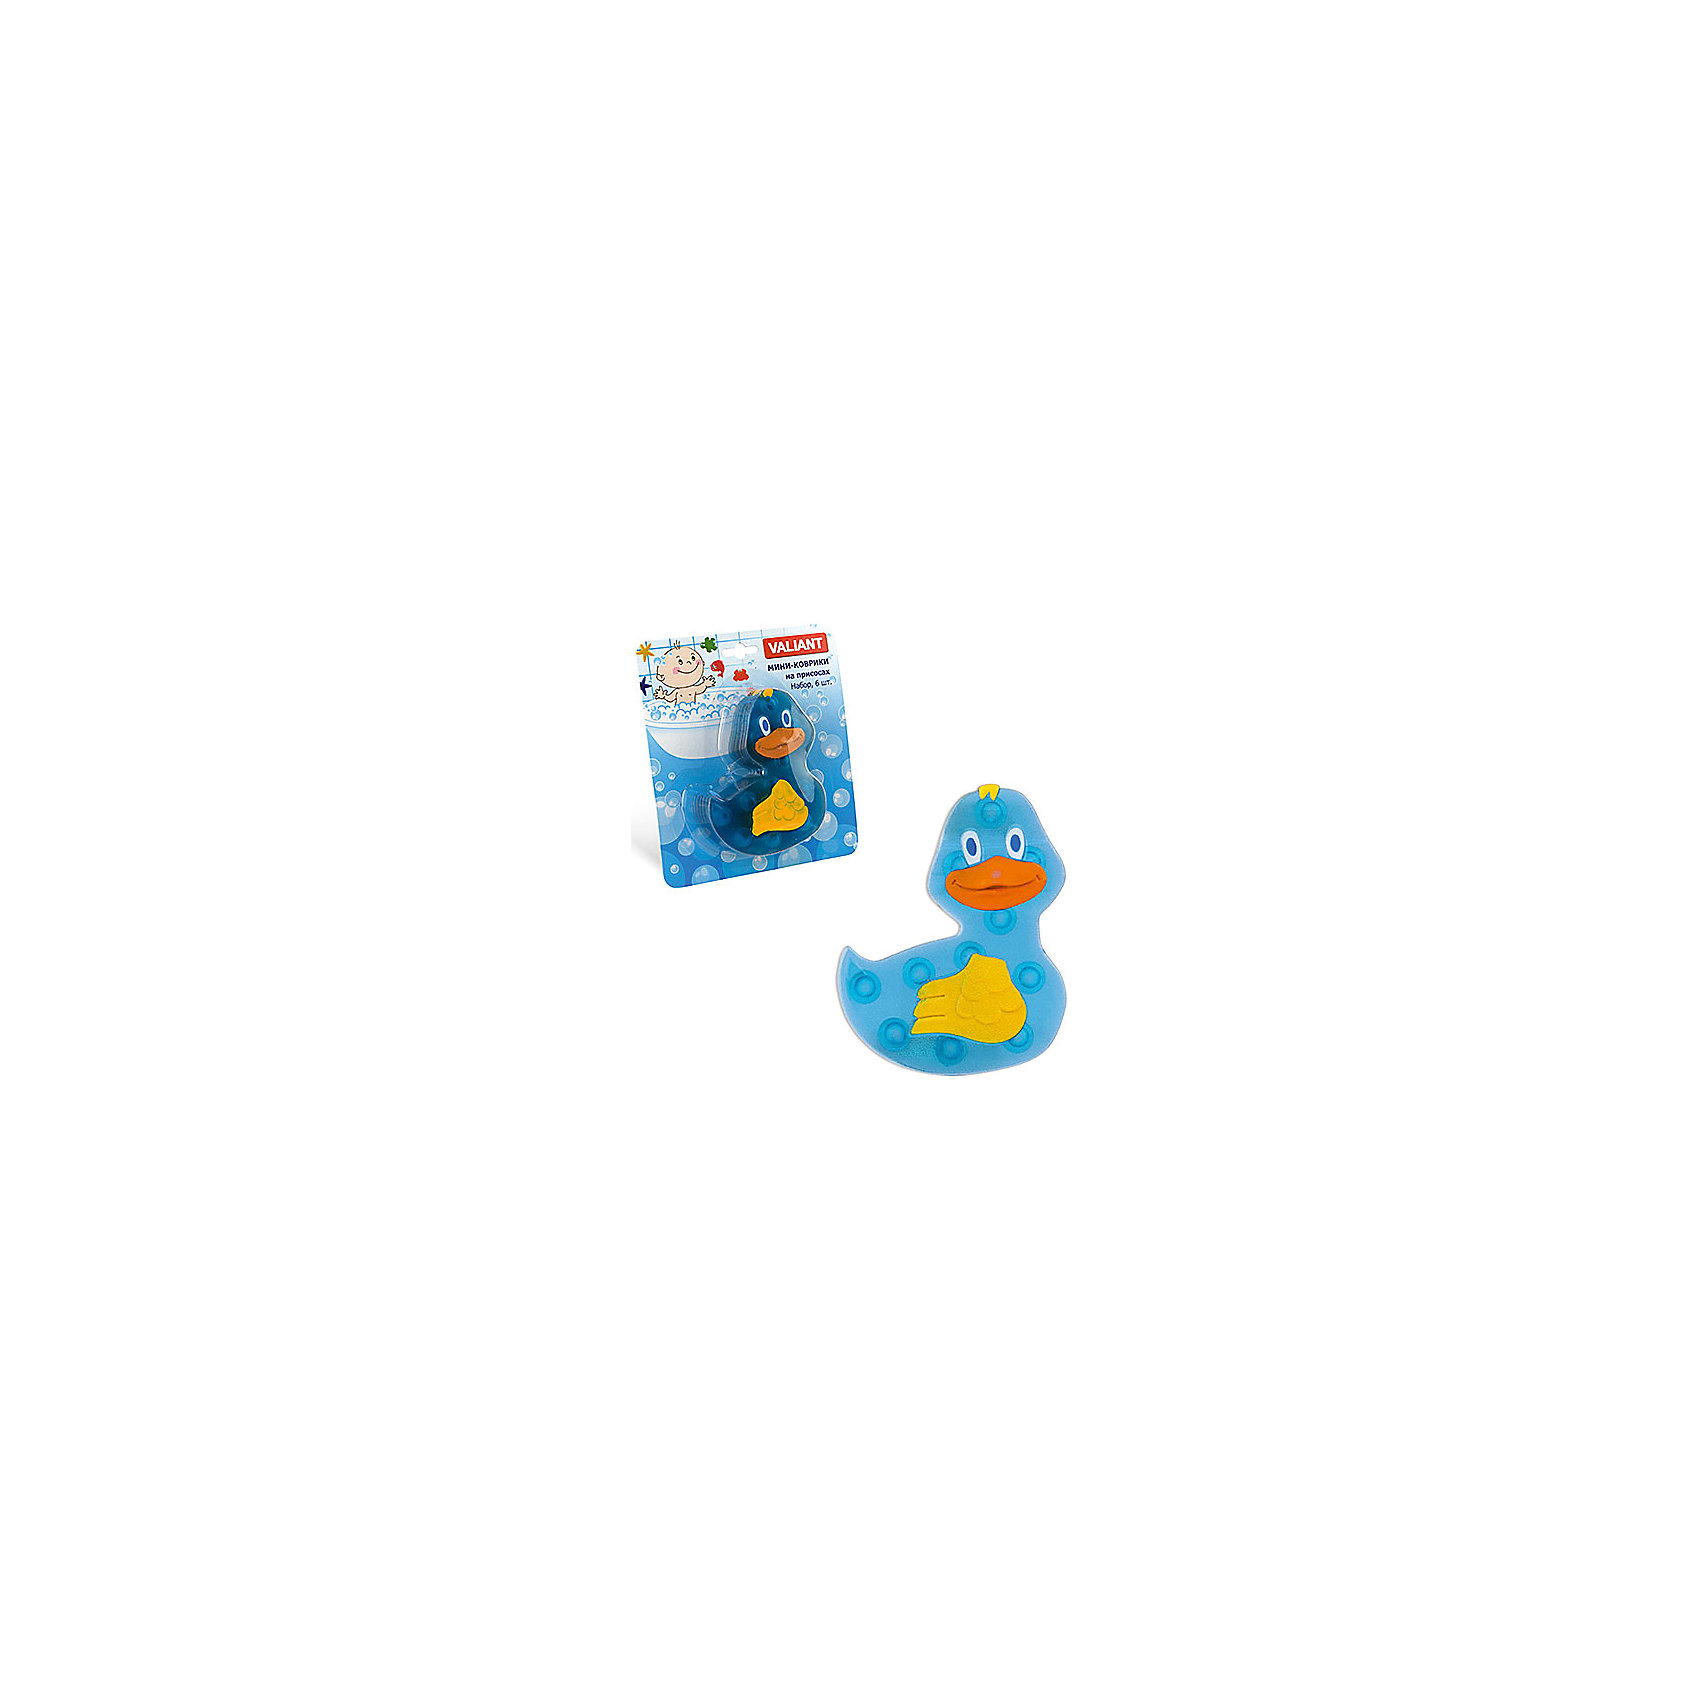 Набор ковриков Уточка на присосках (6 шт)Ванная комната<br>Мини-коврики для ванной комнаты - это яркое дополнение к купанию малыша. Это и игра и развитие моторики и изучение зверушек. <br>Колоссальный и постоянно растущий спрос на них обусловлен реакцией малышей и их мам на данное изобретение по всему миру.<br>Мини-коврики снабжены присосками и превосходно клеятся на влажный кафель.<br><br>Ширина мм: 100<br>Глубина мм: 130<br>Высота мм: 50<br>Вес г: 154<br>Возраст от месяцев: -2147483648<br>Возраст до месяцев: 2147483647<br>Пол: Унисекс<br>Возраст: Детский<br>SKU: 4563309